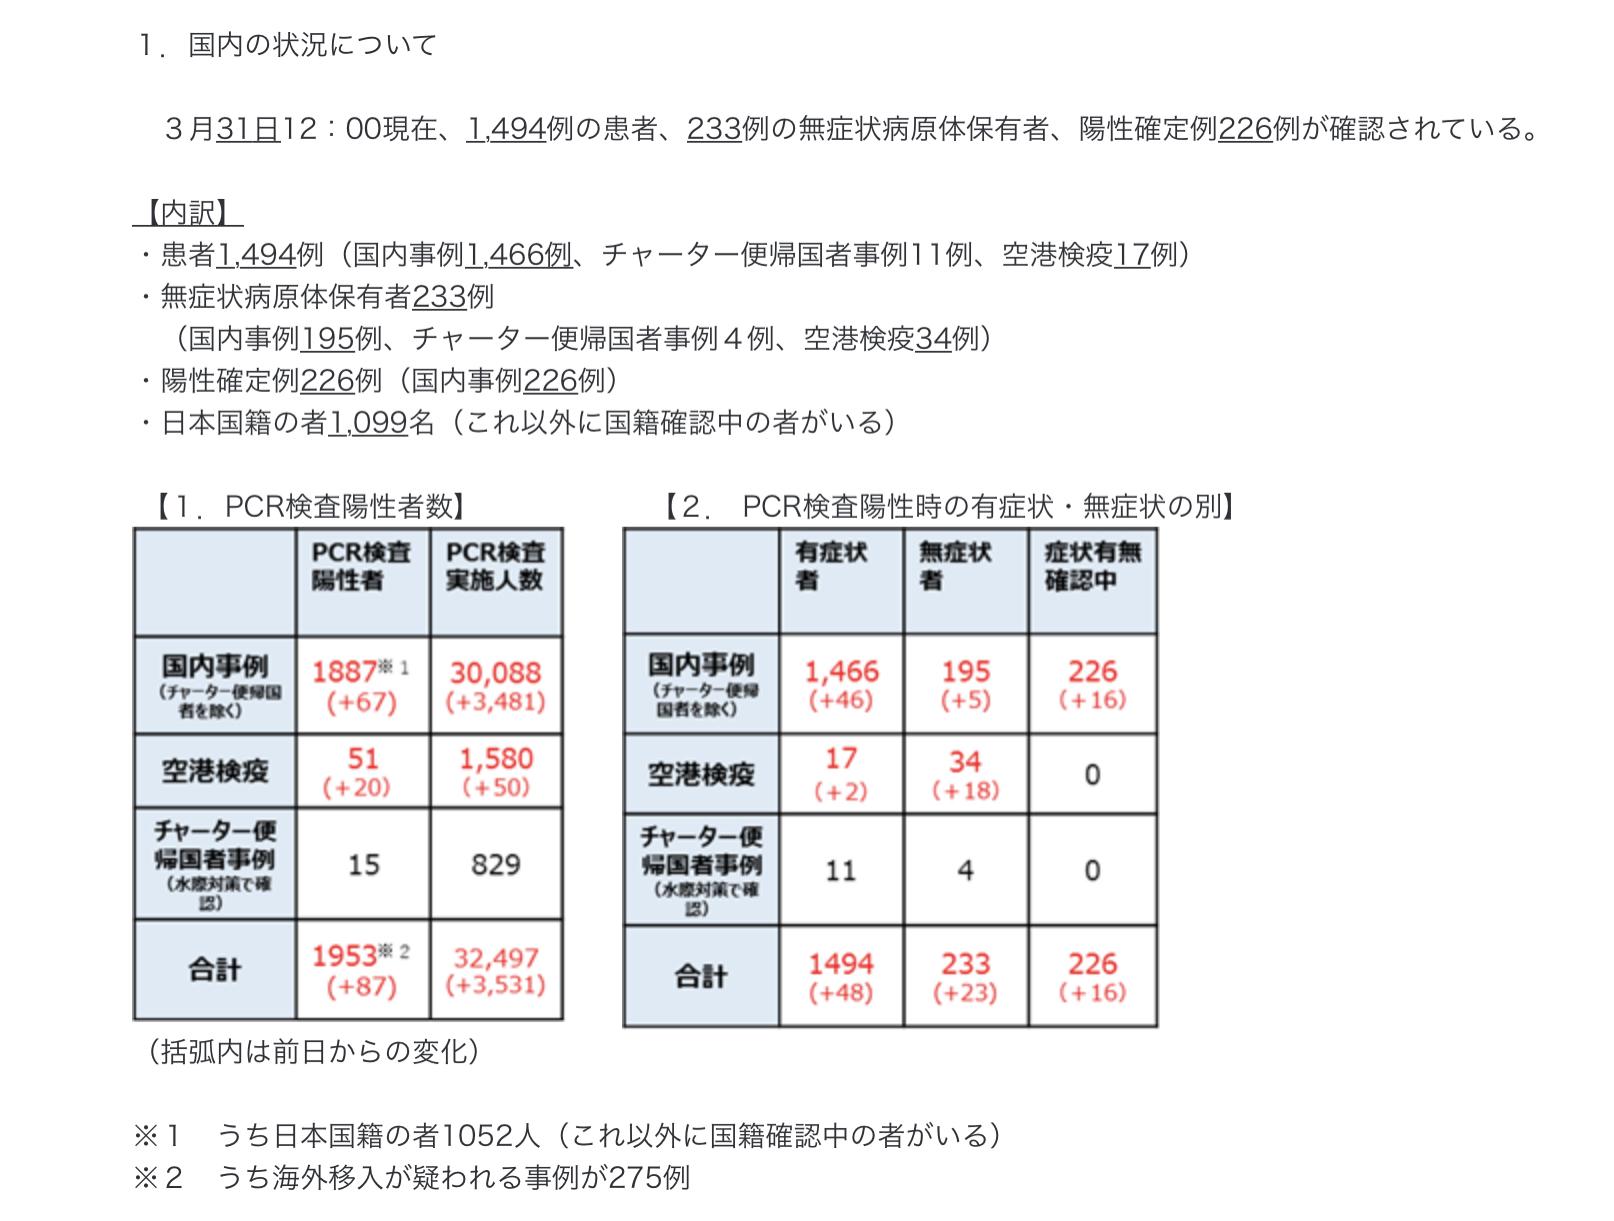 厚労省データ1 イメージ画像